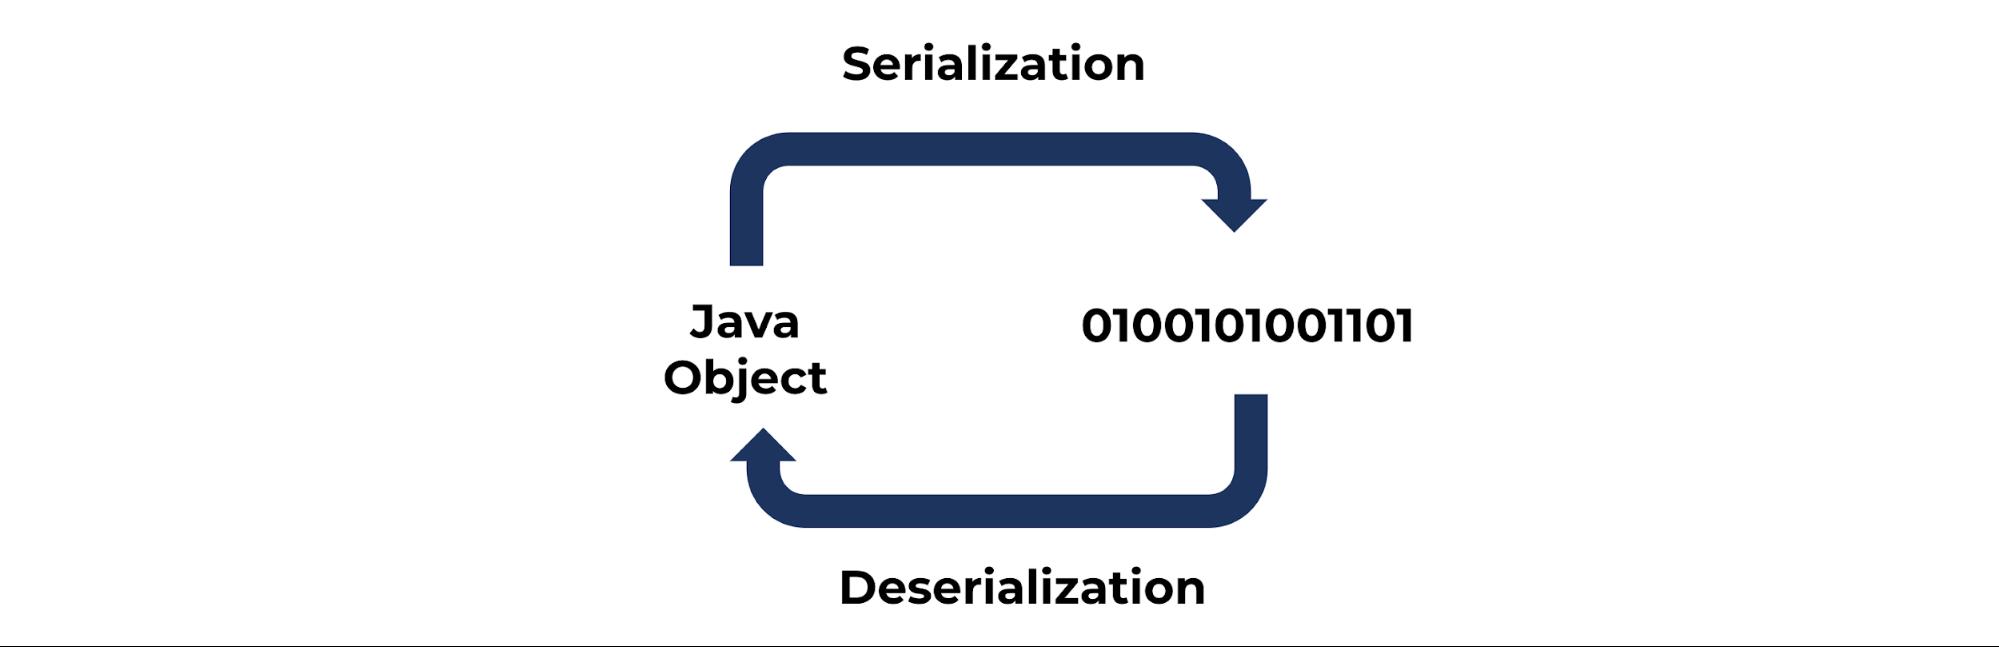 Serialization | Deserialization